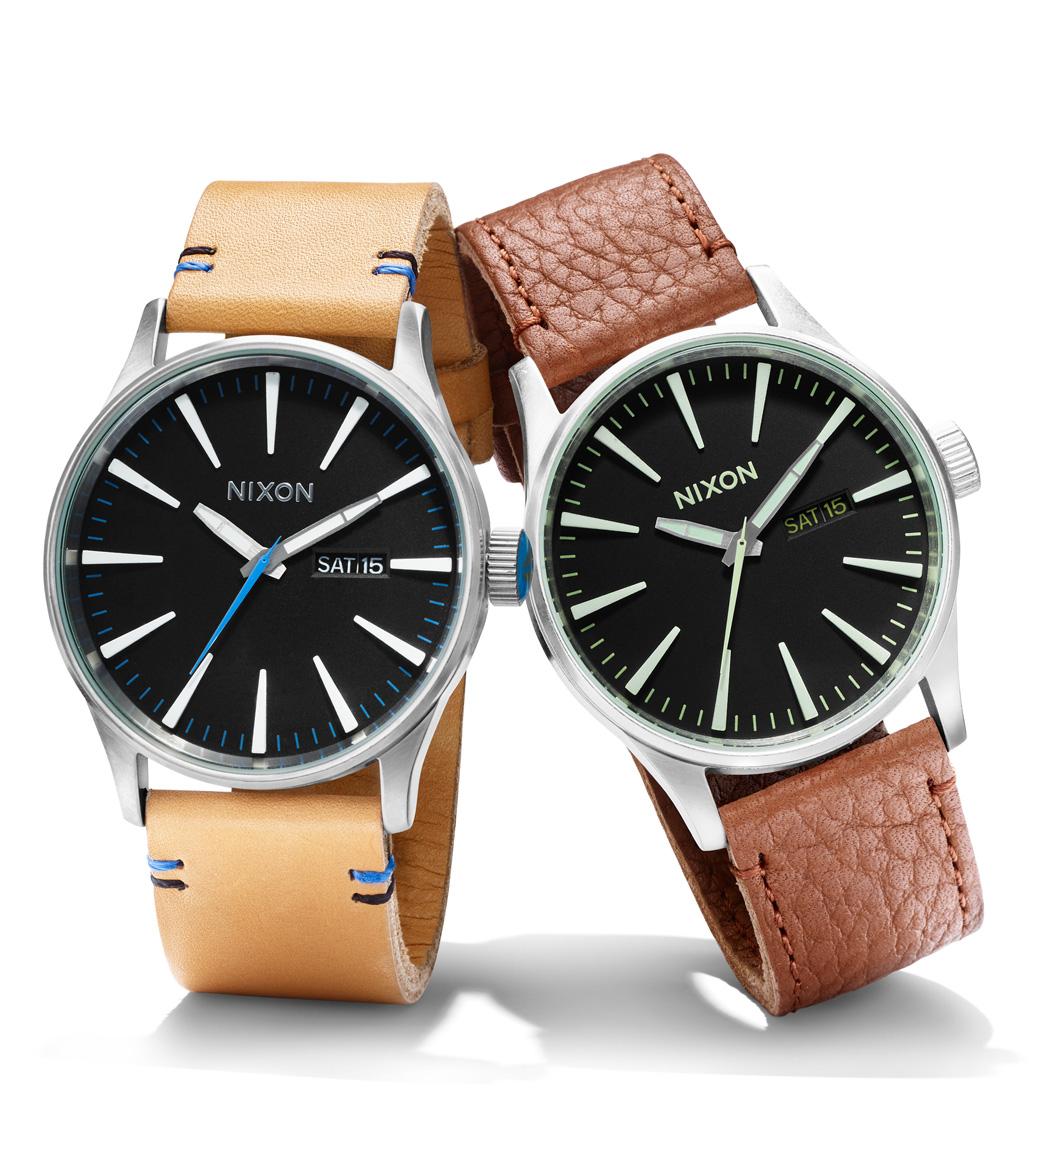 Relojes hombres ropa zapatos y accesorios relojes de pulsera correas de - Relojes de salon modernos ...